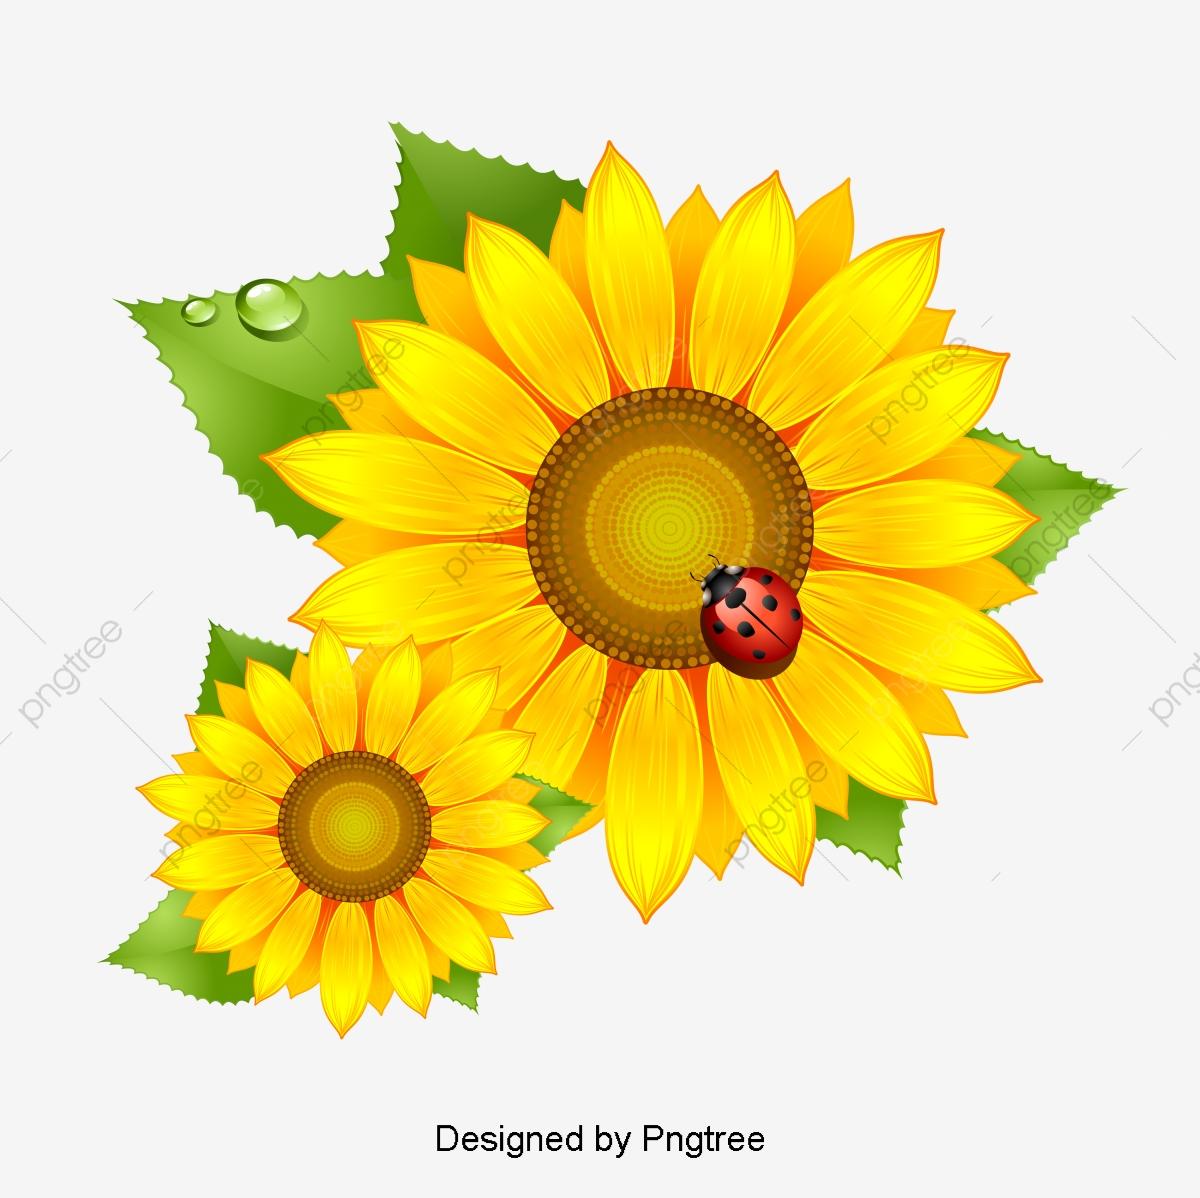 Simples Elementos Florais Pintados A Mao Dos Desenhos Animados Do